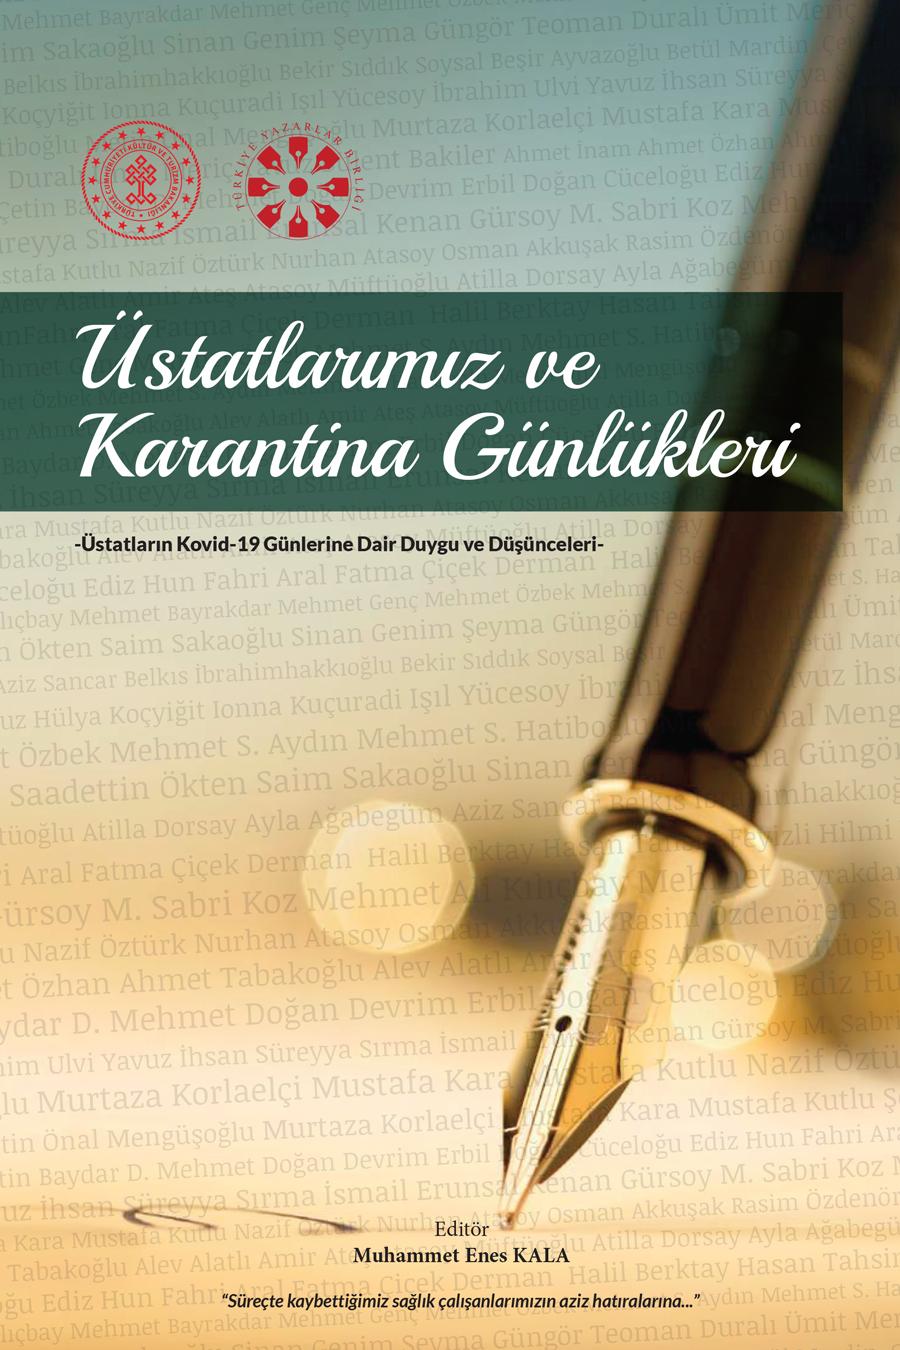 karantina-günlükleri-E-KİTAP-1